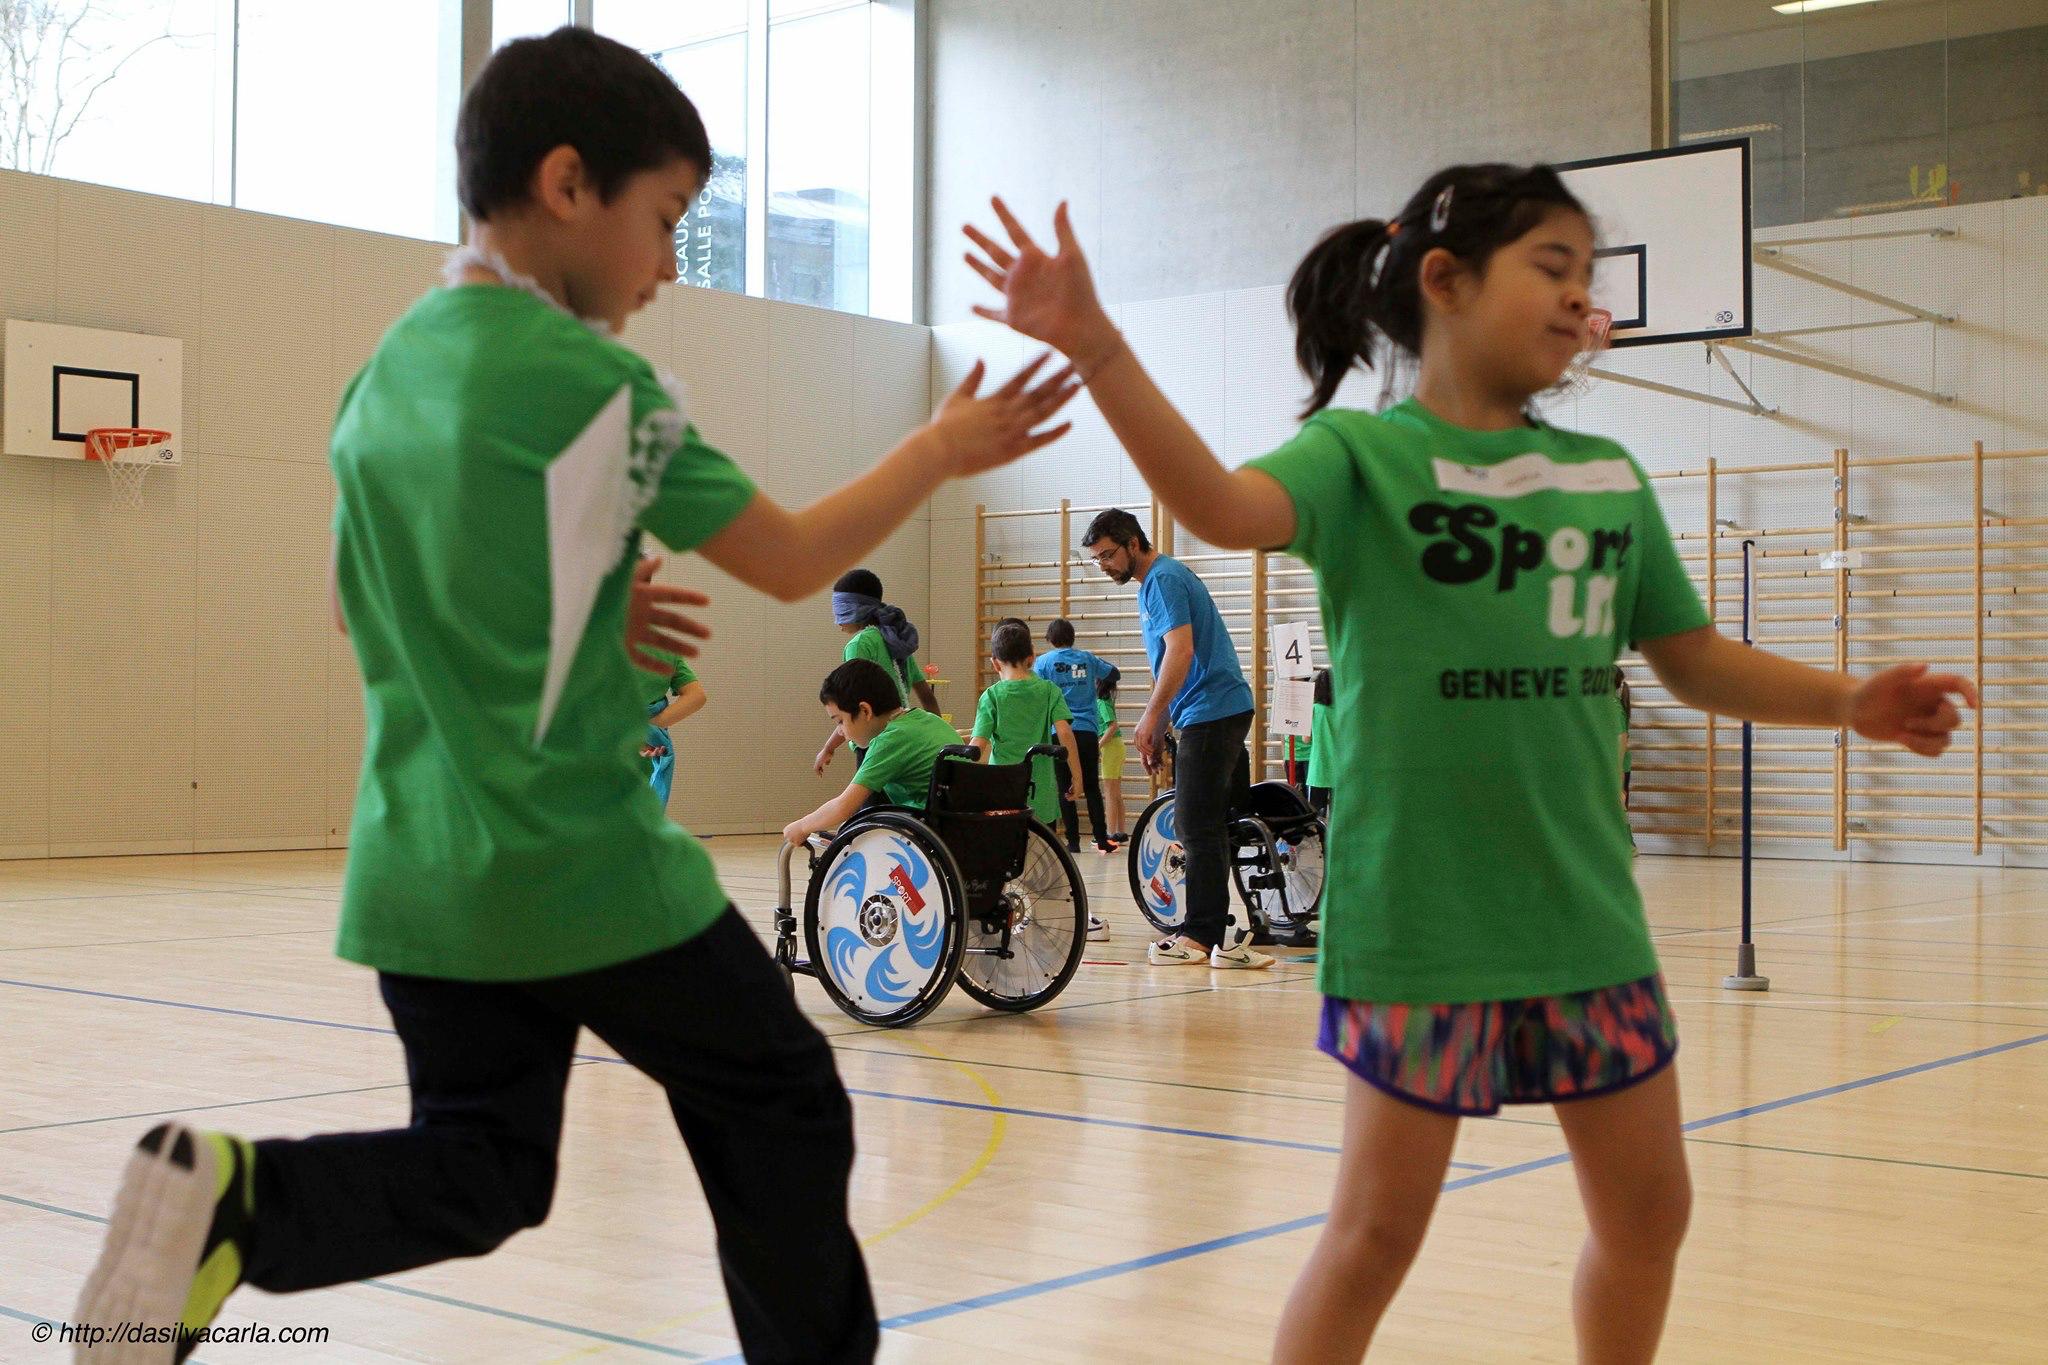 Concentration et engagement des élèves à chaque poste: estafette pieds/mains (au premier plan), poste sensibilisation au handicap avec estafette chaise roulante, yeux bandés et palmes (en arrière-plan). Photo de Carla da Silva - http://dasilvacarla.com/